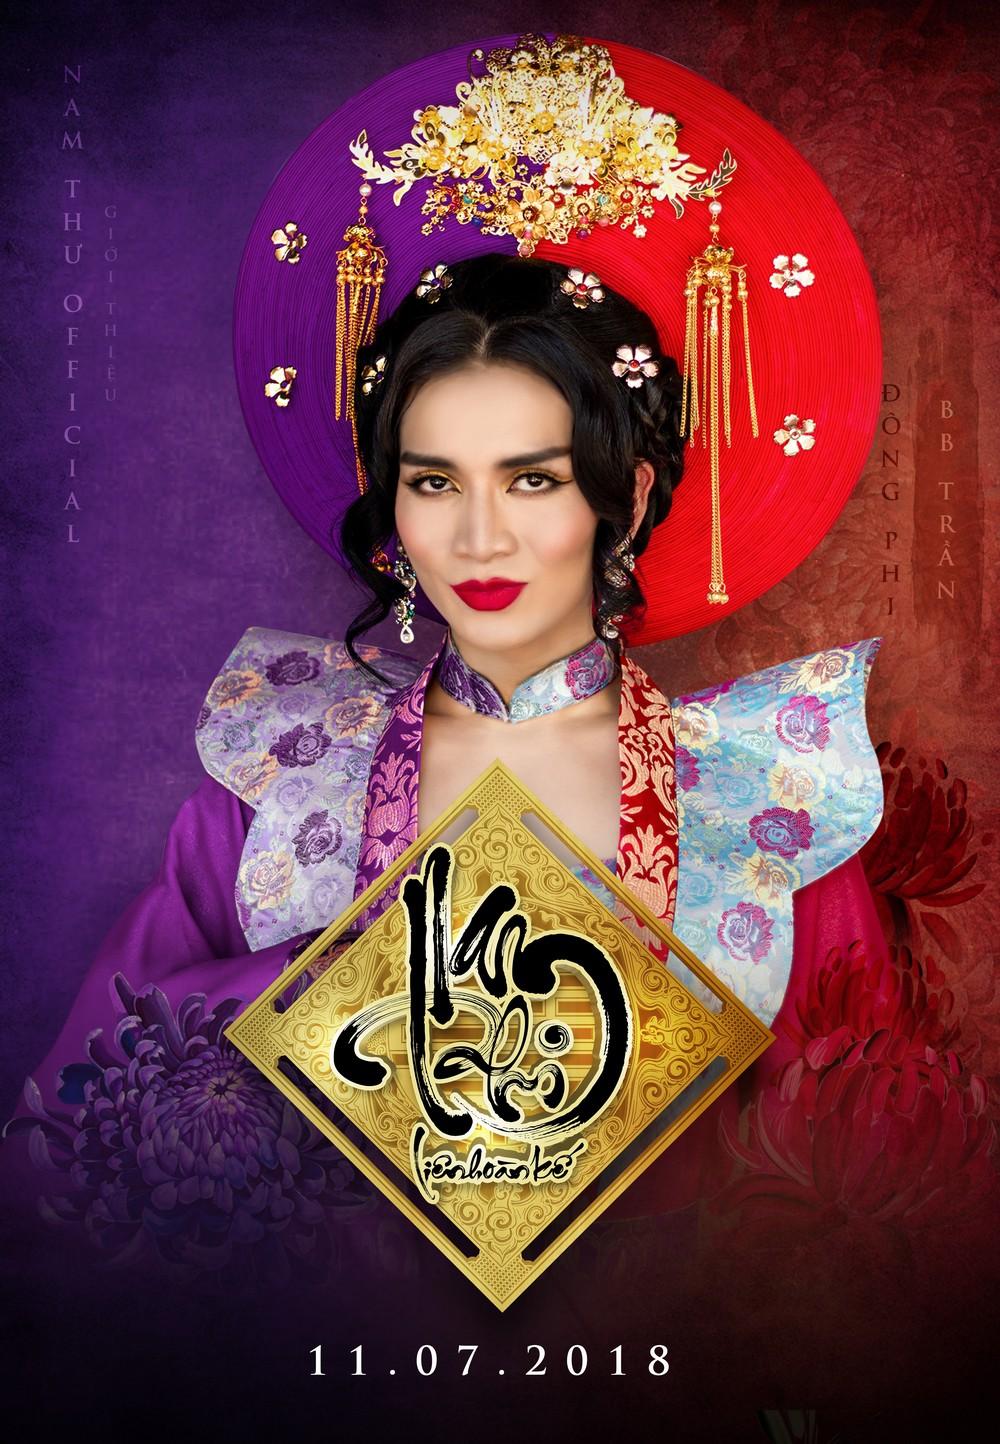 Sau Chị 13 của Thu Trang, lại đến lượt phim hậu cung của Nam Thư gây sốt  - Ảnh 3.